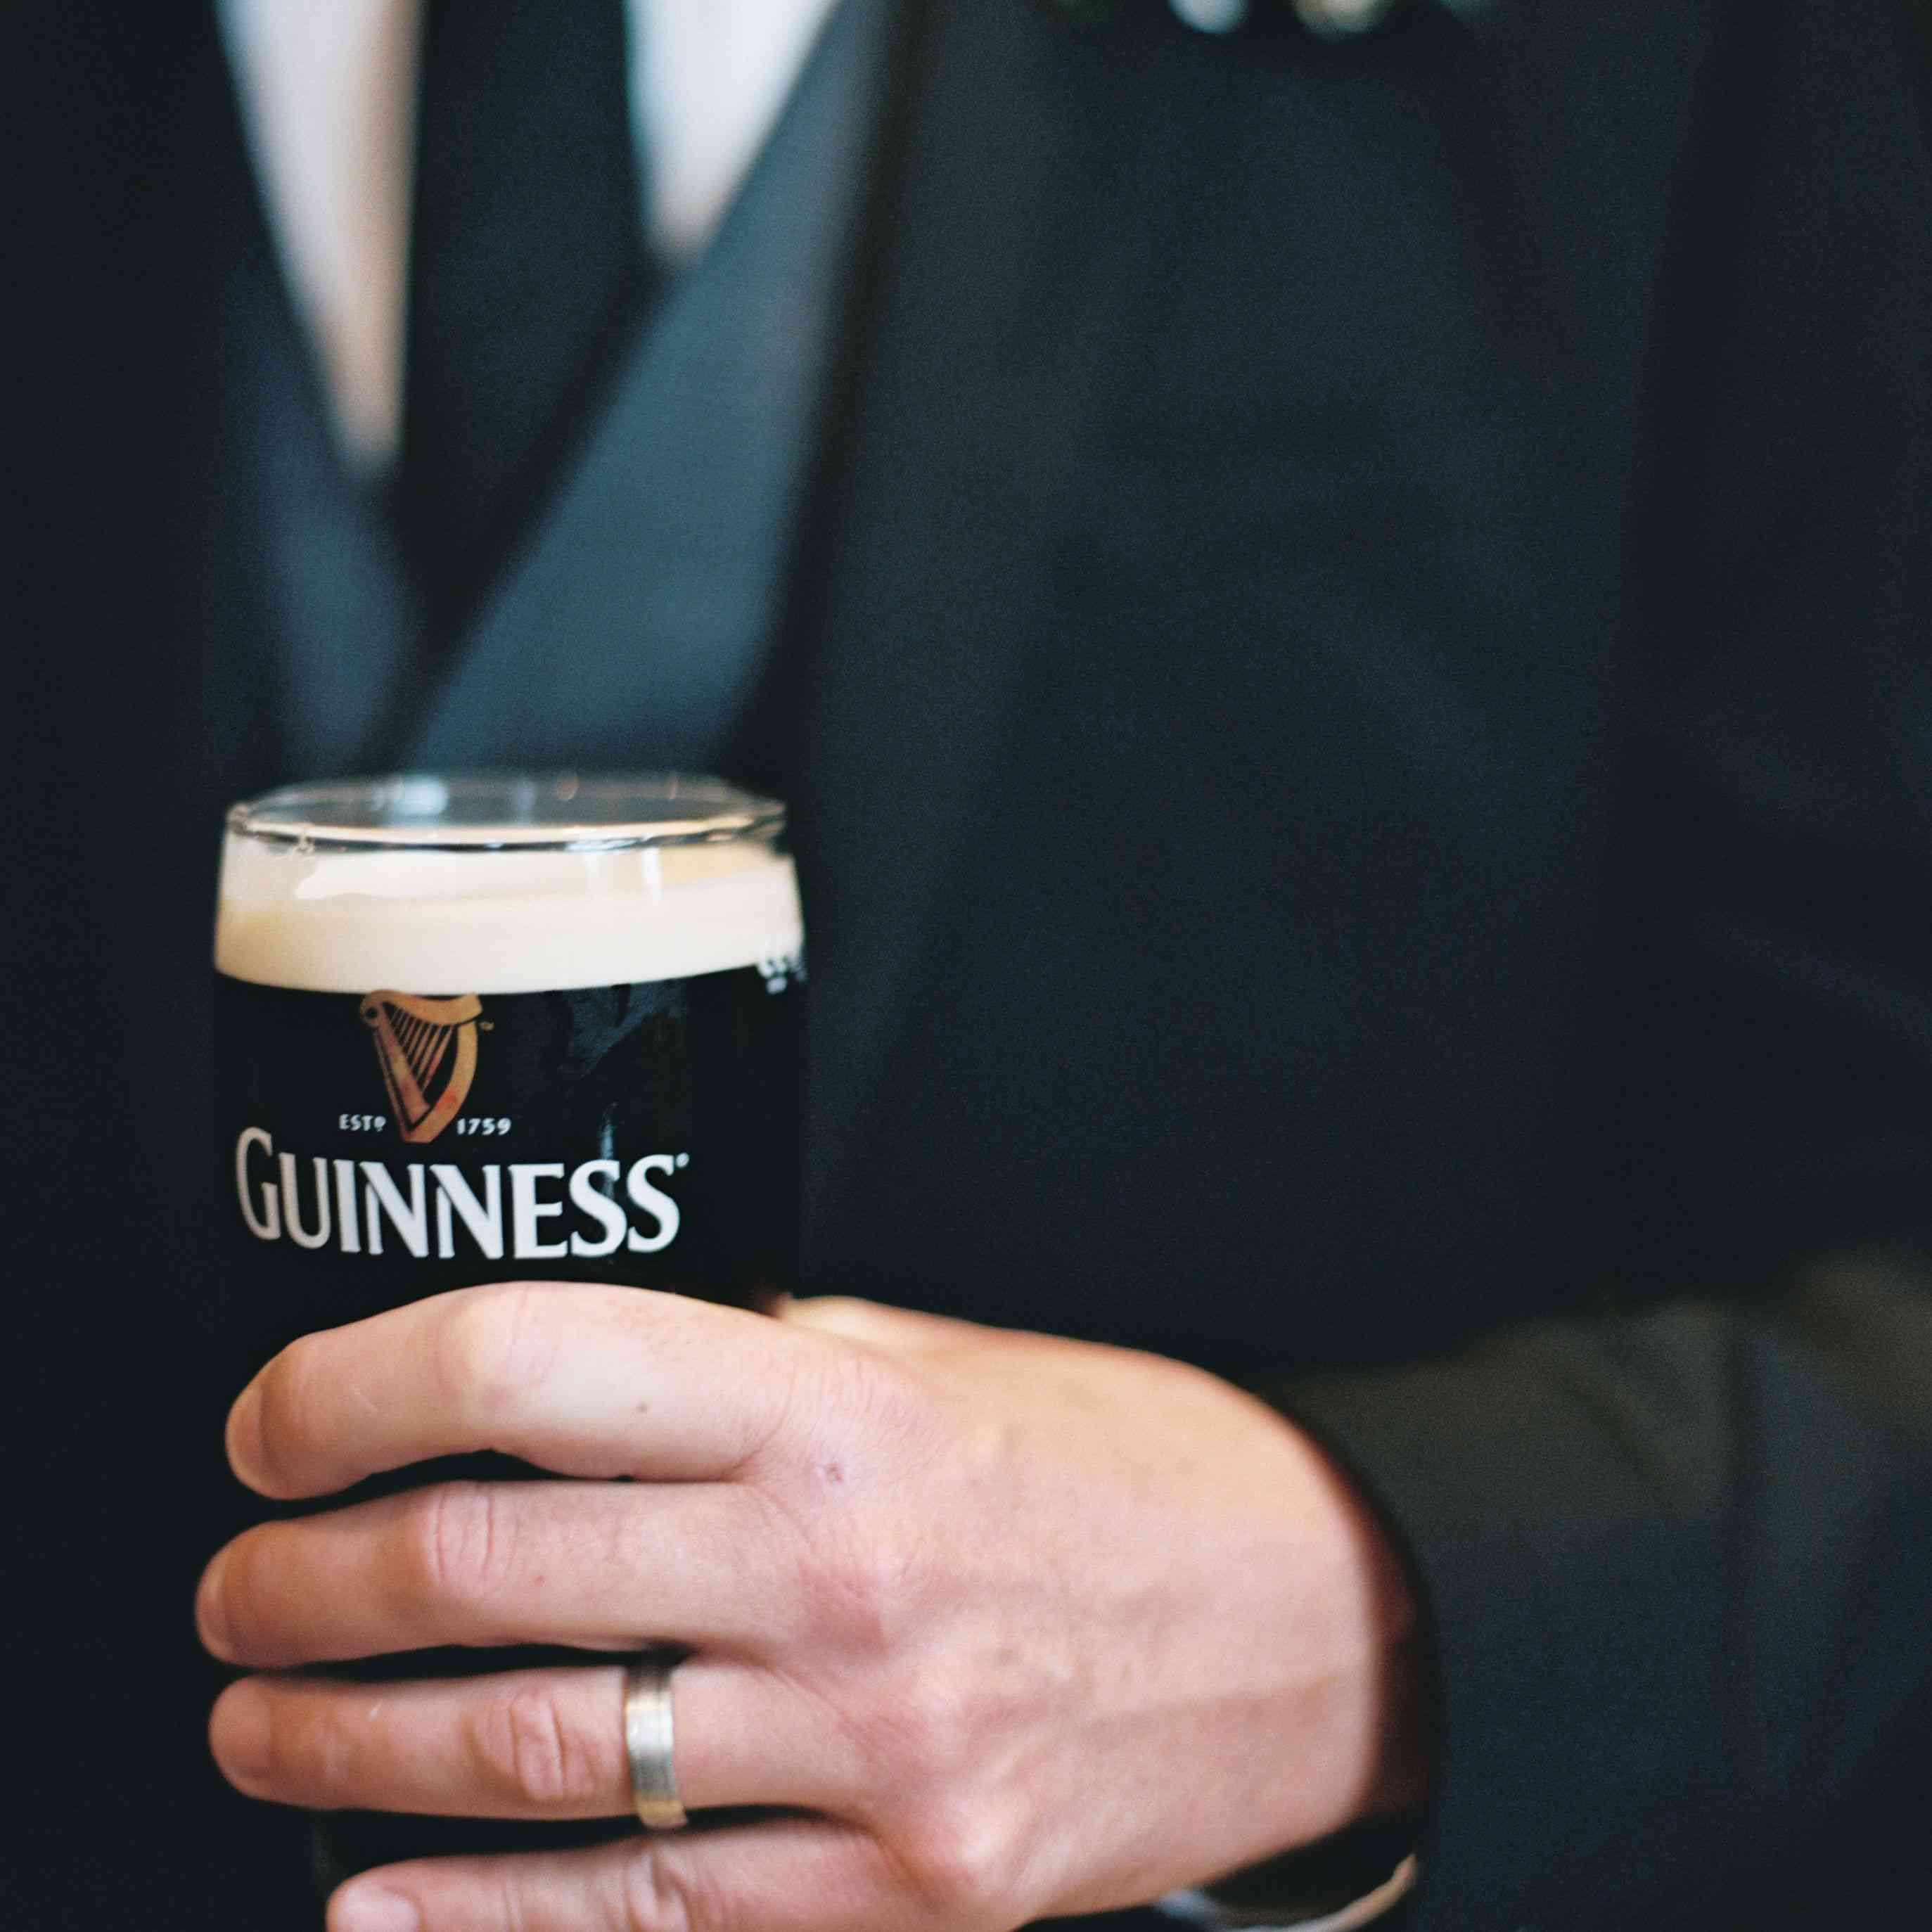 Irish Spirits